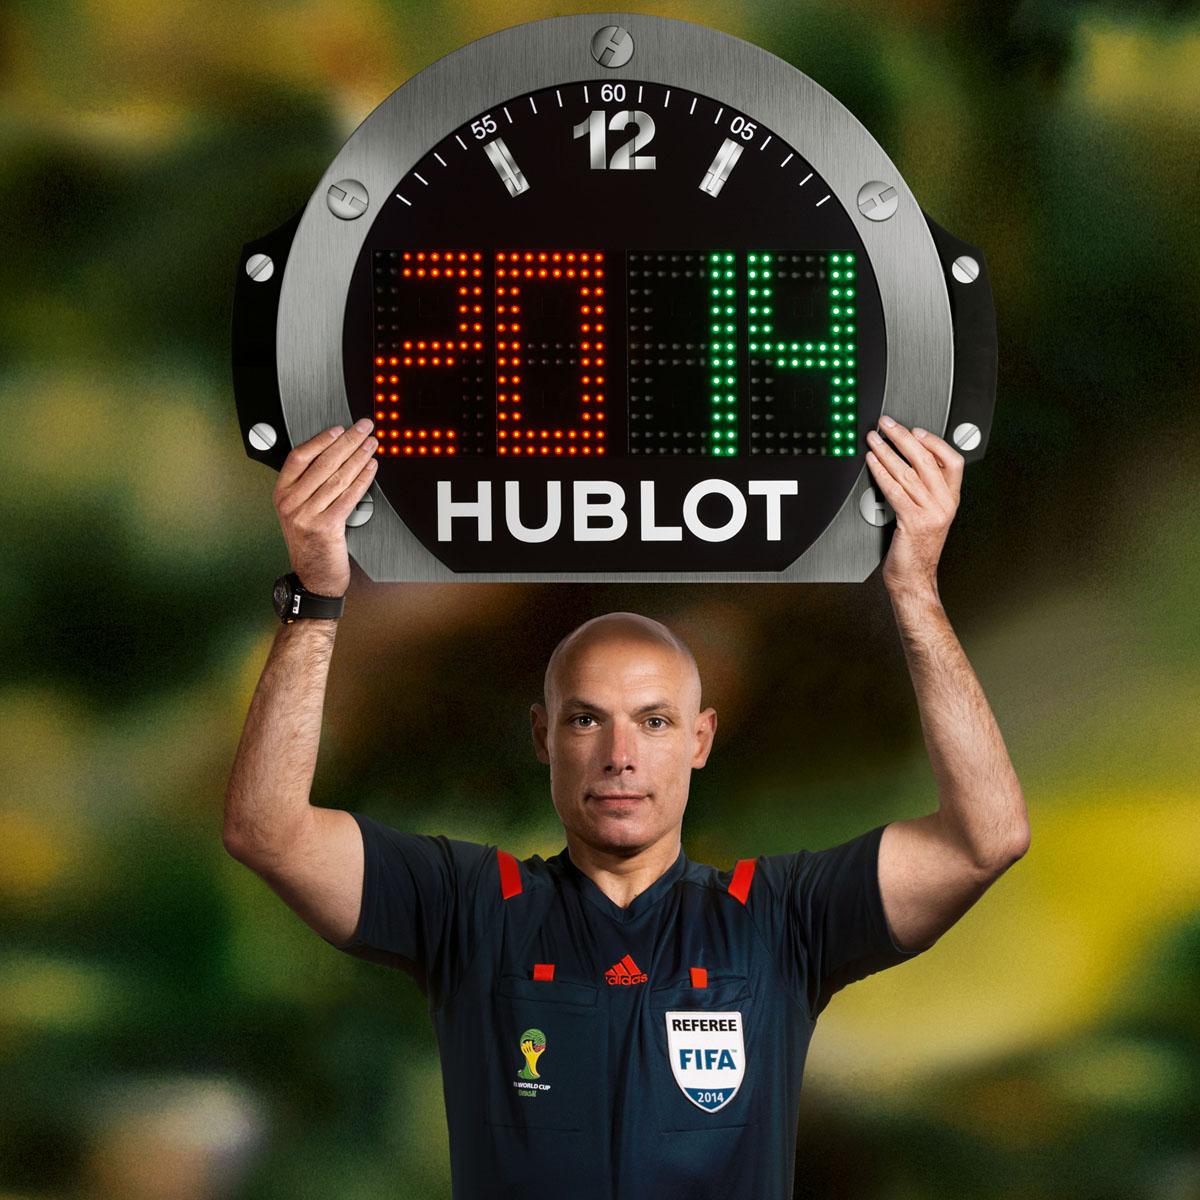 La Cote des Montres : Photo - Hublot : nouveau design du panneau d'arbitre de la Coupe du Monde